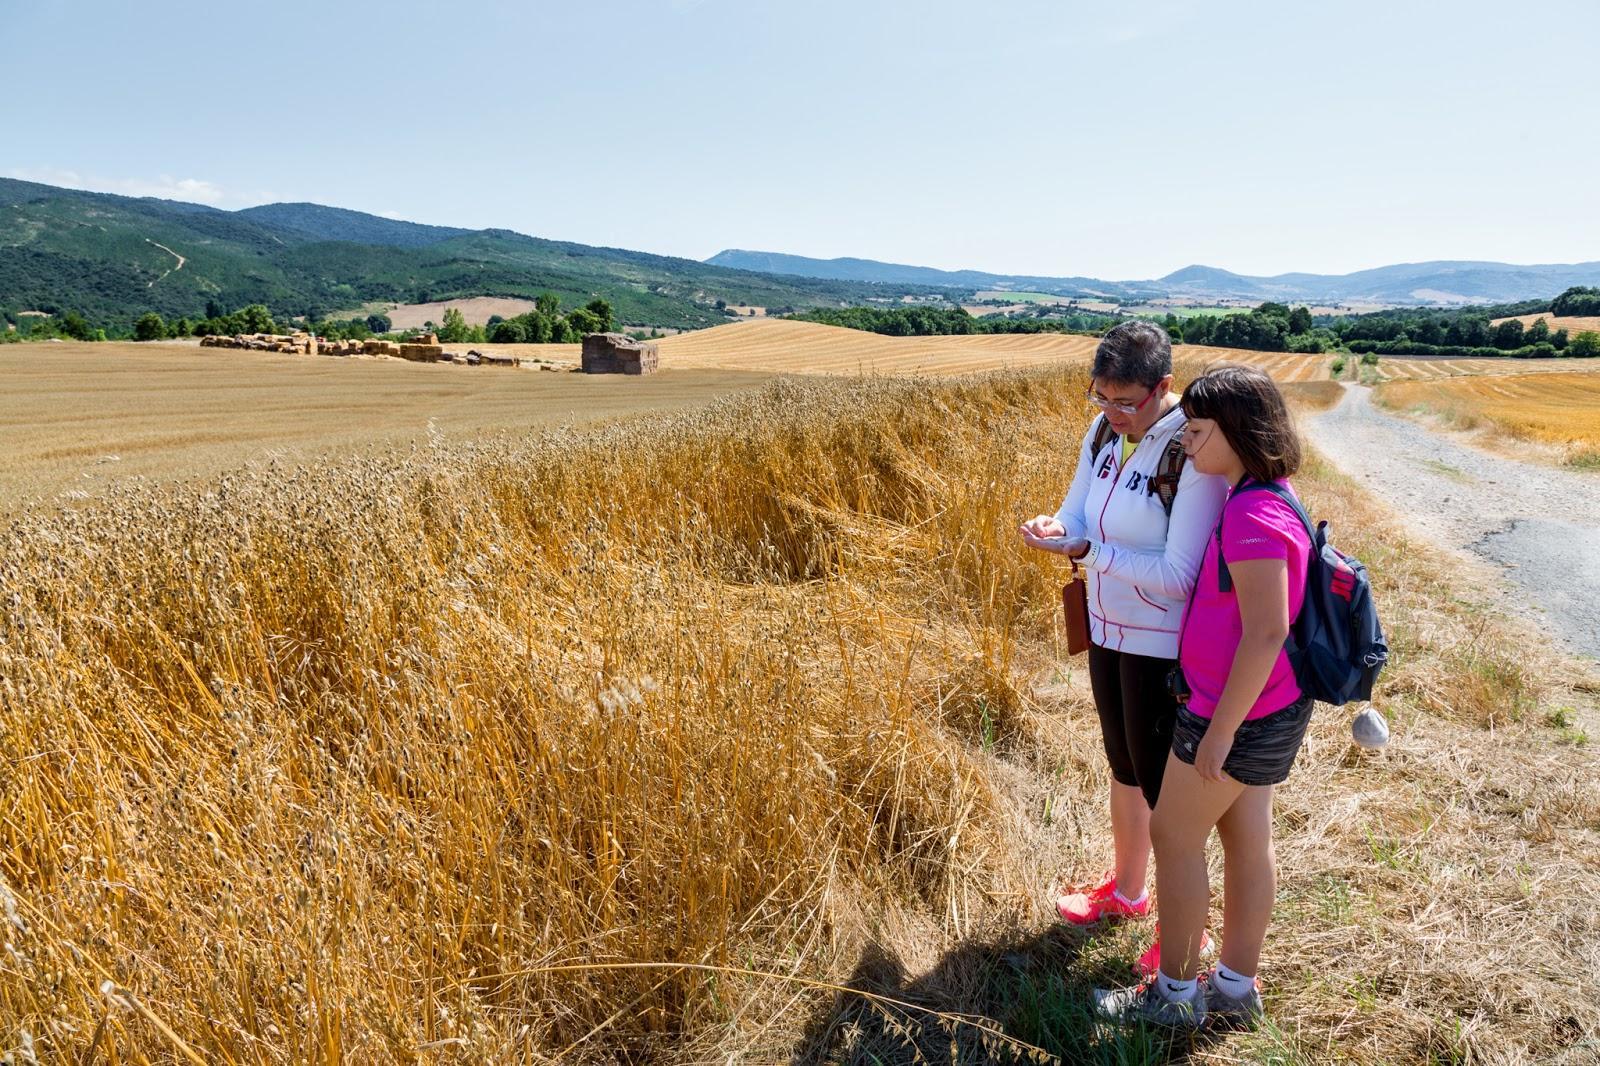 Lección de cereales para urbanitas :: Canon EOS 5D MkIII | ISO100 | Canon 24-105 @24mm | f/10 | 1/80s